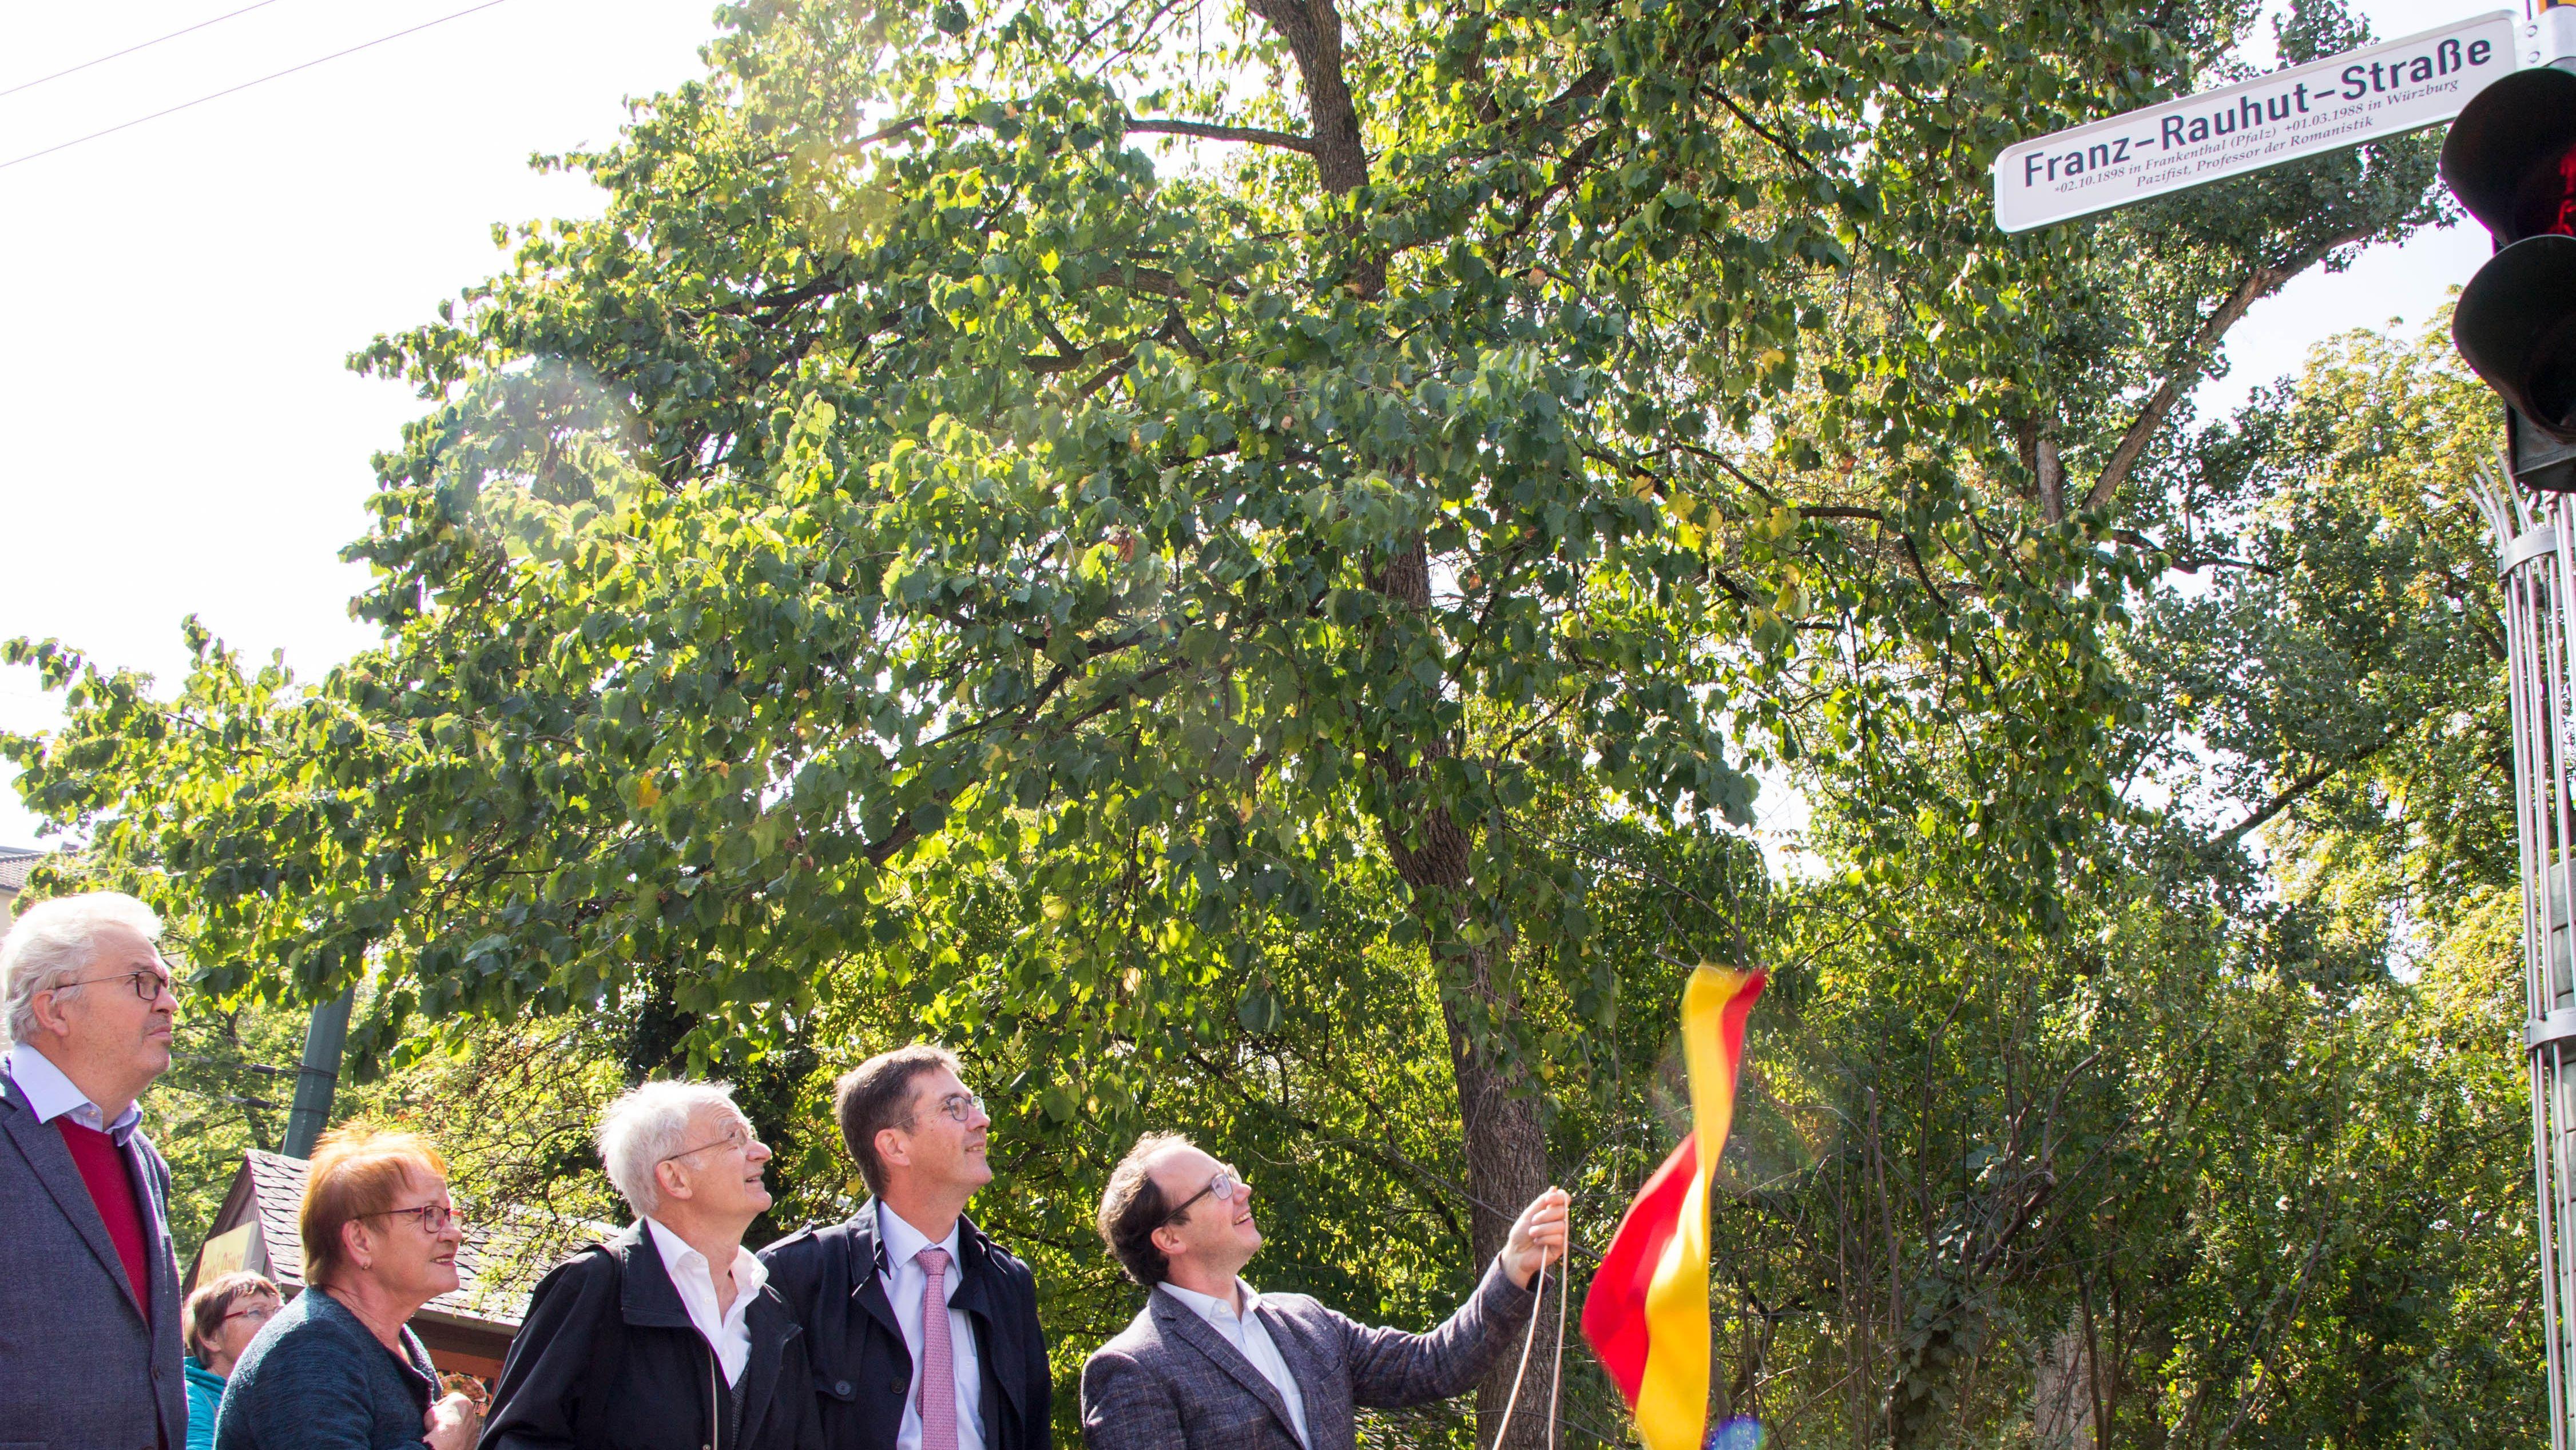 Stadt Würzburg benennt Straße nach Franz Rauhut